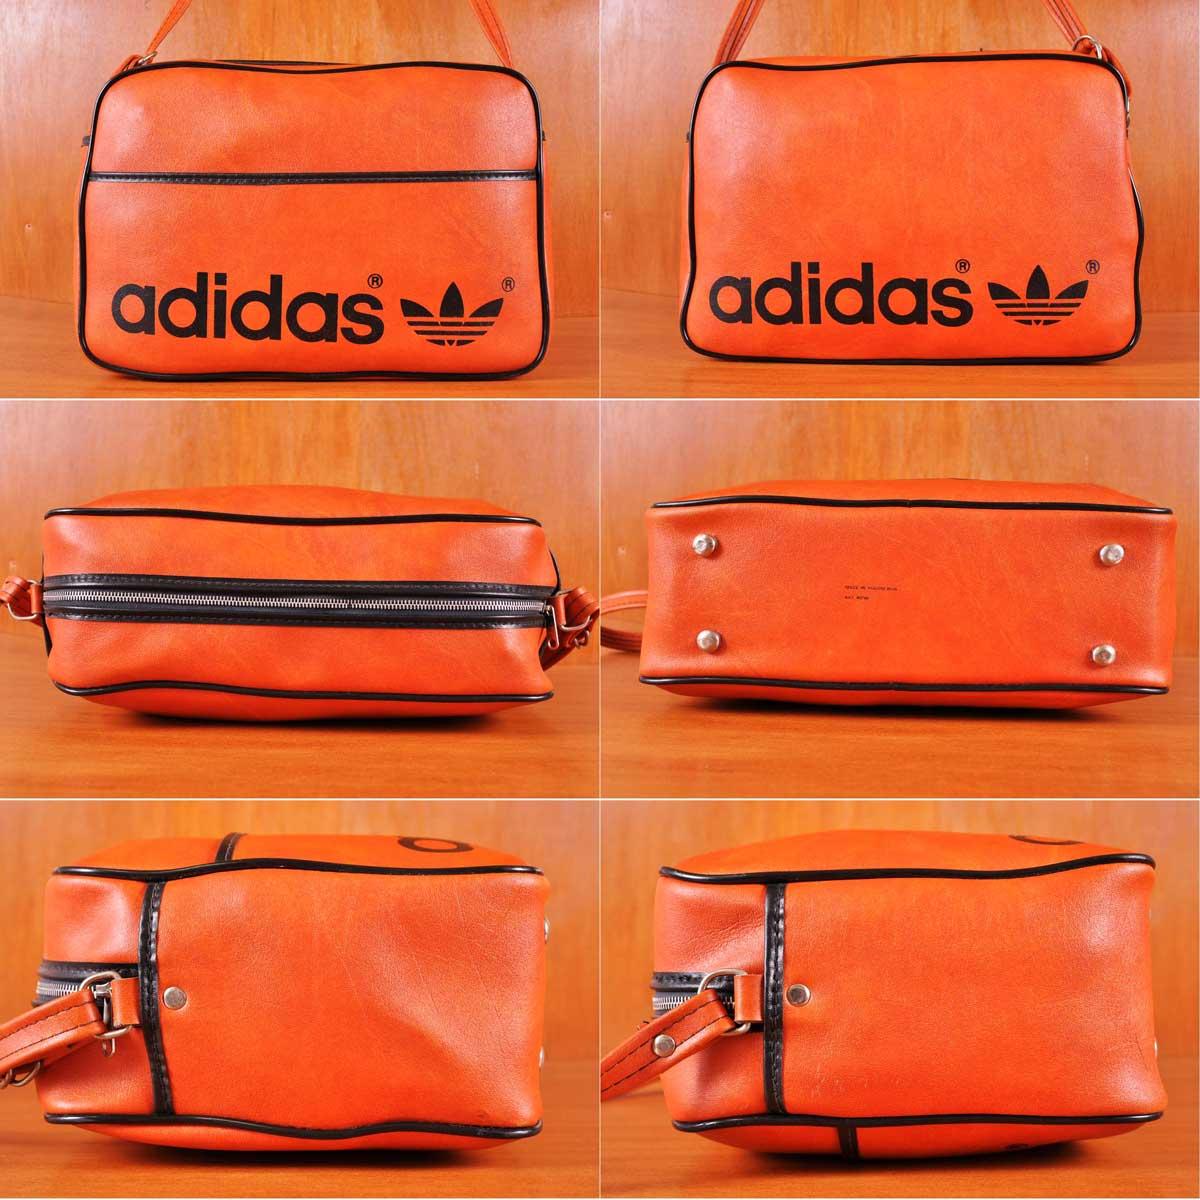 cea14d777 Adidas Backpacks - Adidas Bags - Adidas Gym Bag - eBags.com